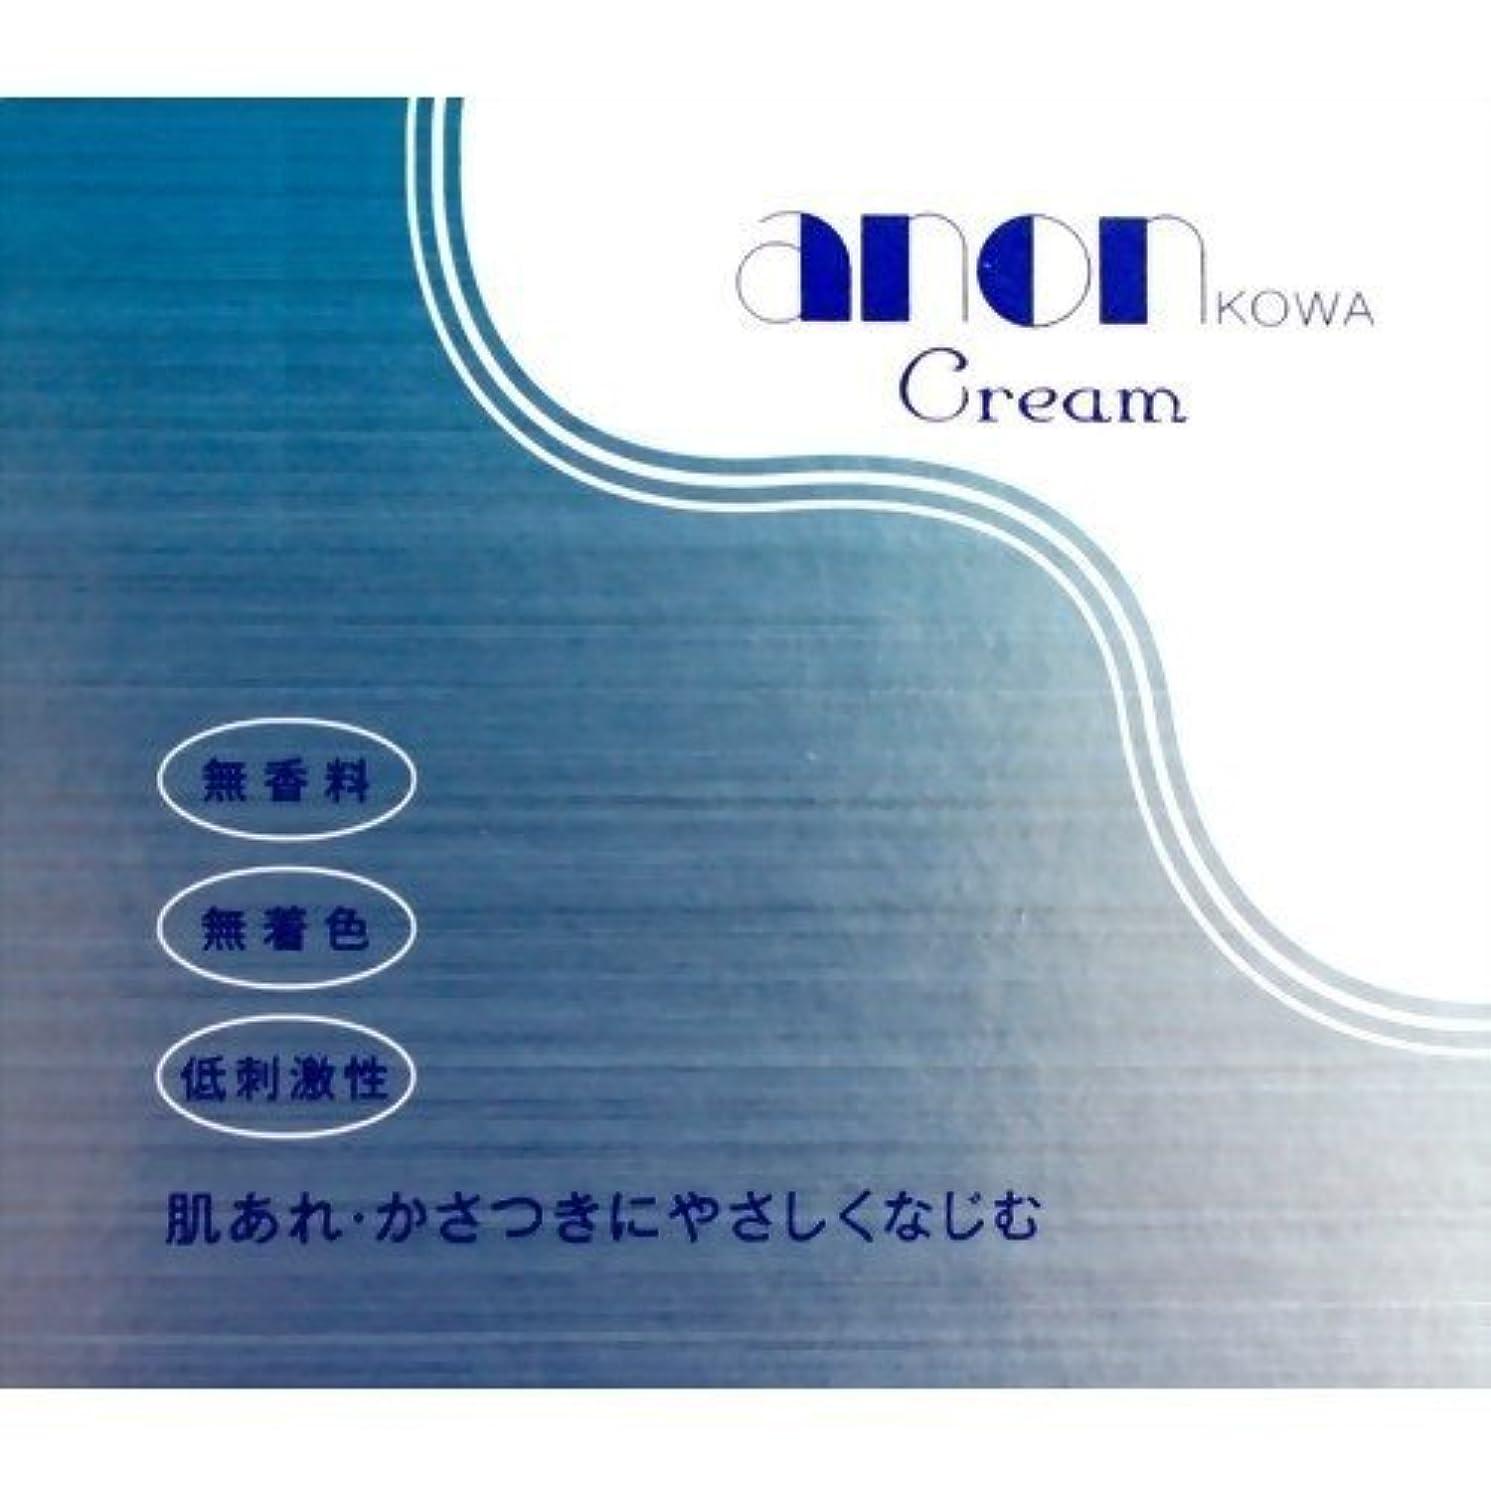 すきブルーベルリクルート興和新薬 アノンコーワクリーム(160g)×2